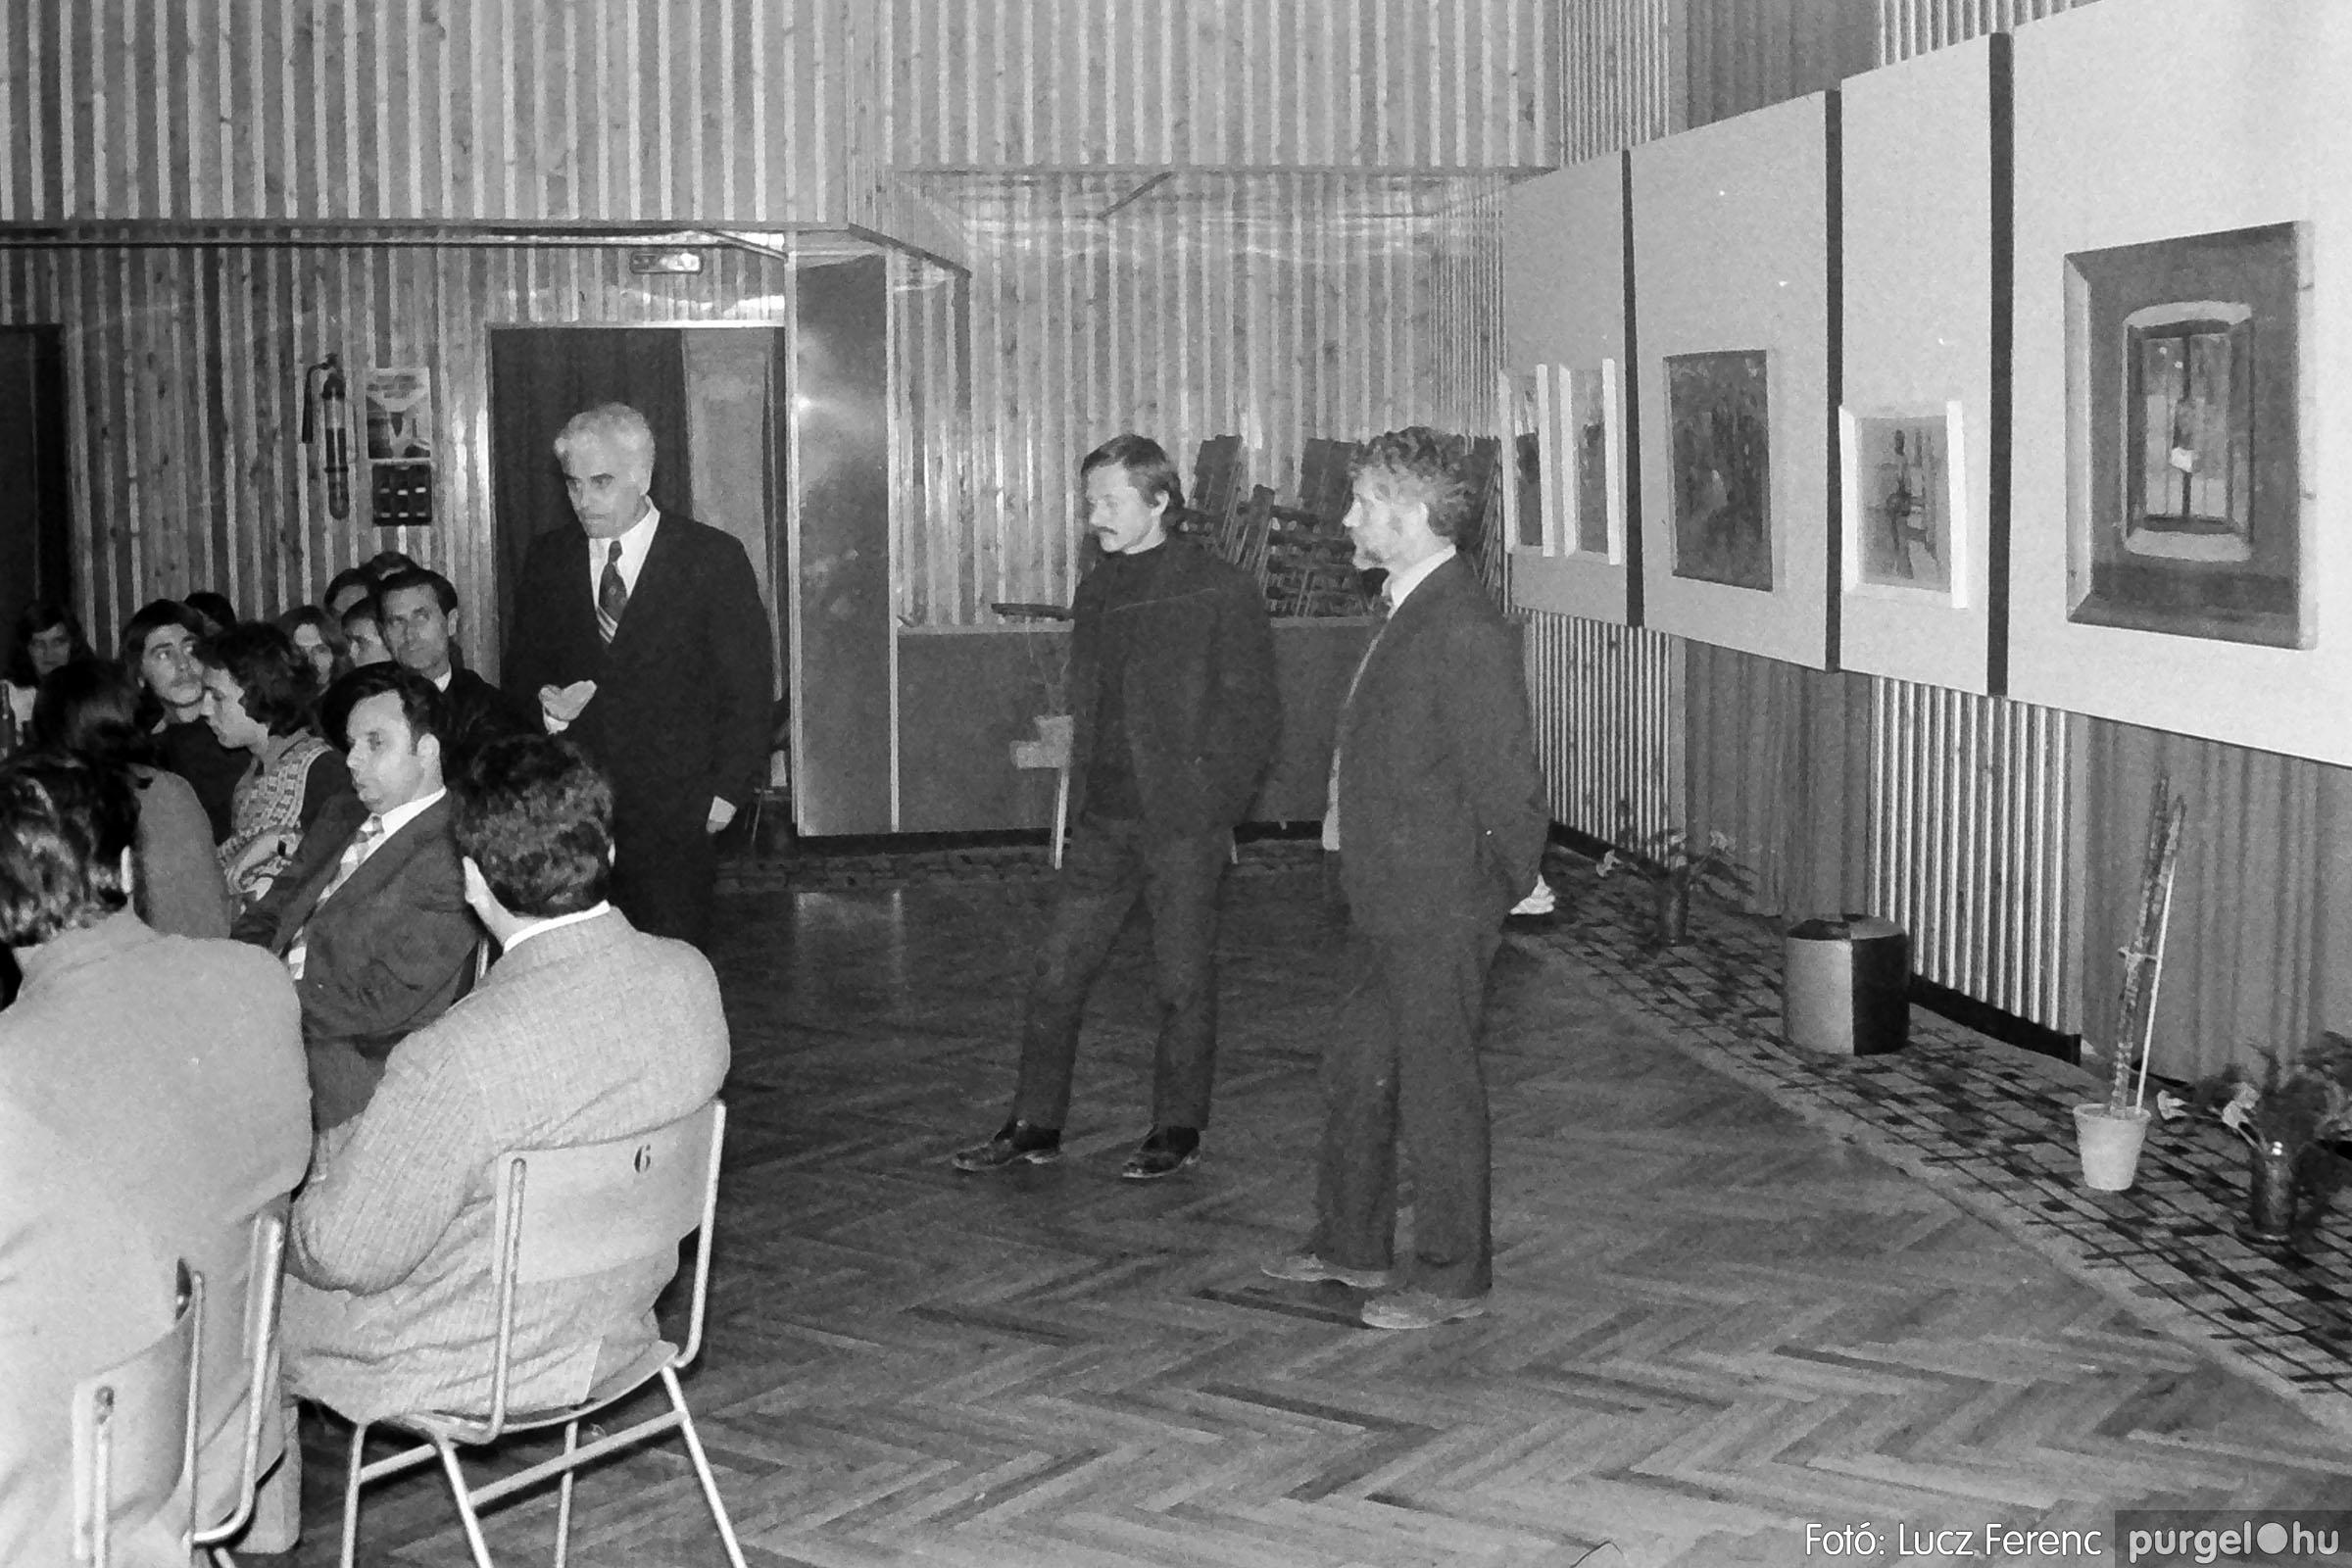 024 1975.10. Németh József és Szalay Ferenc festőművészek kiállítása 017 - Fotó: Lucz Ferenc IMG00218q.jpg